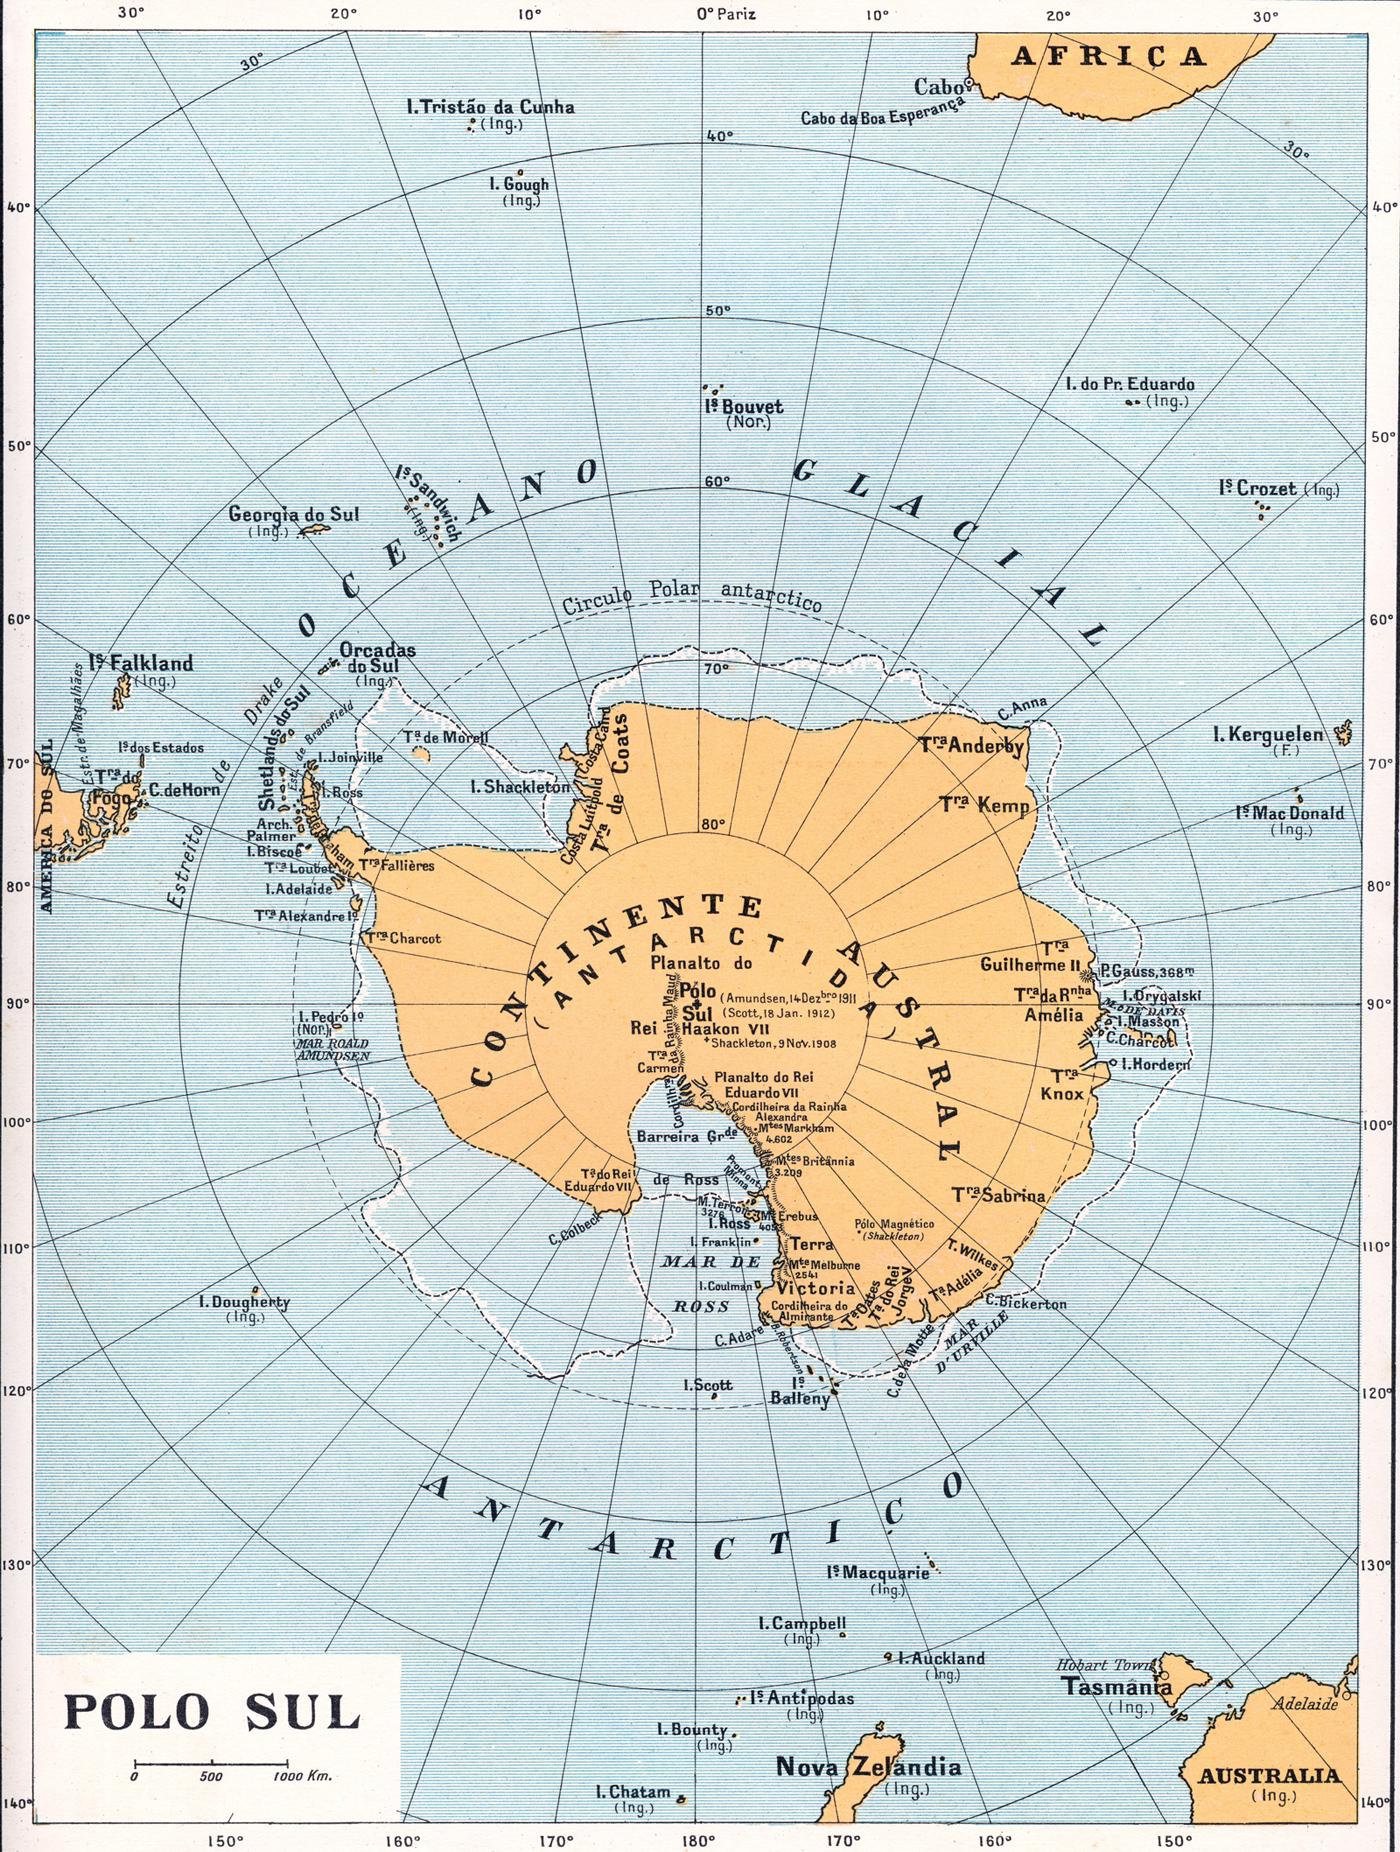 Mapa Do Polo Sul E Antartida